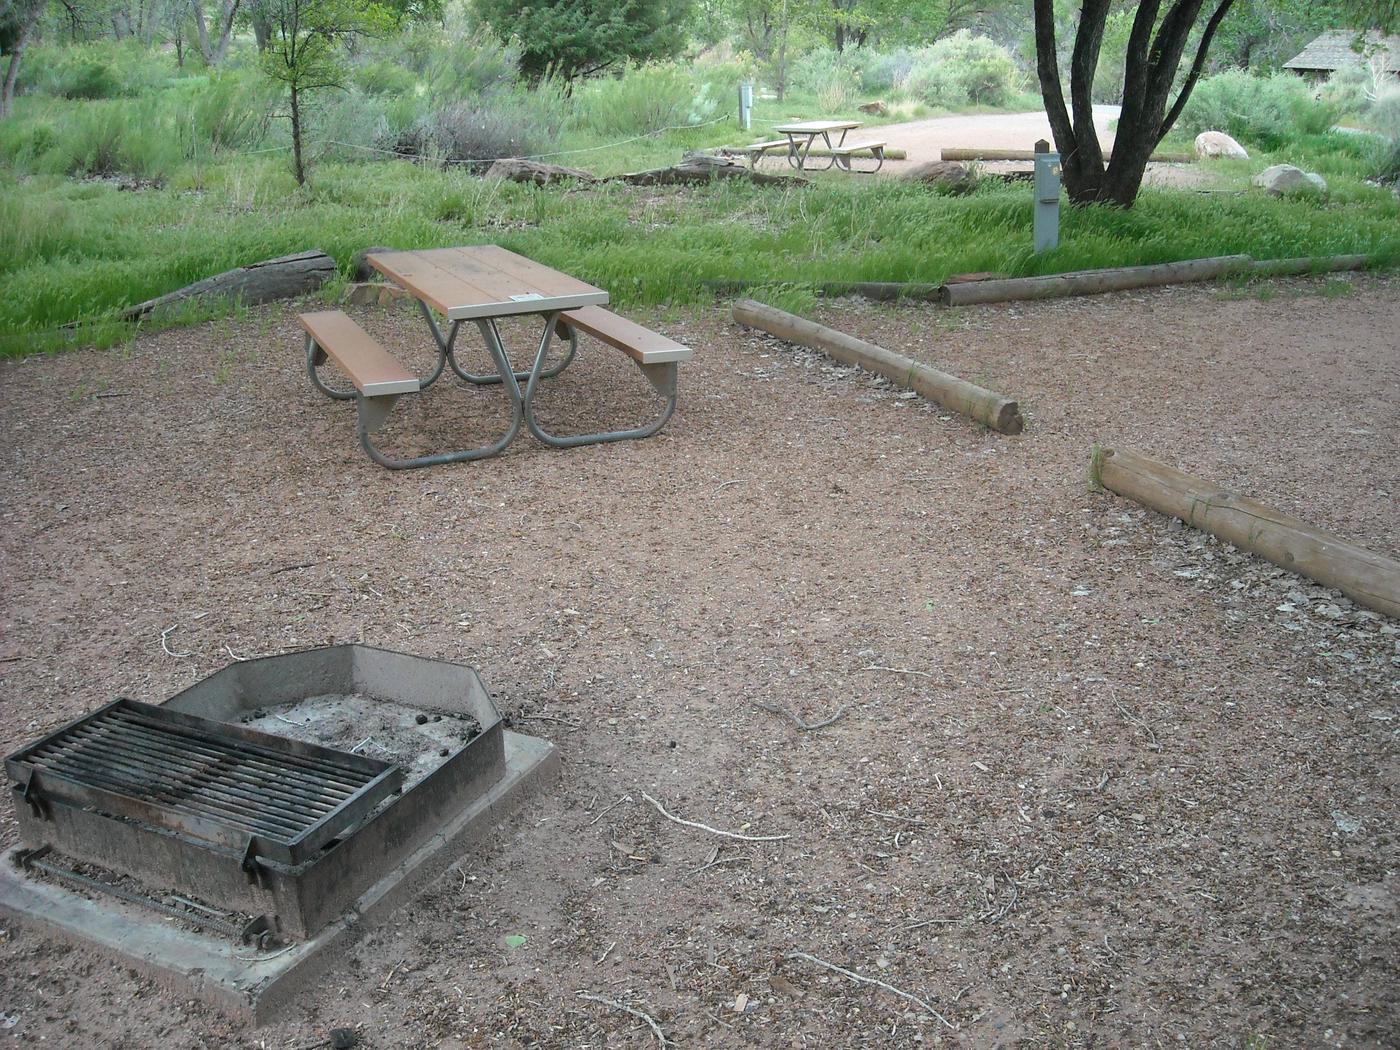 Campsite area 3B12